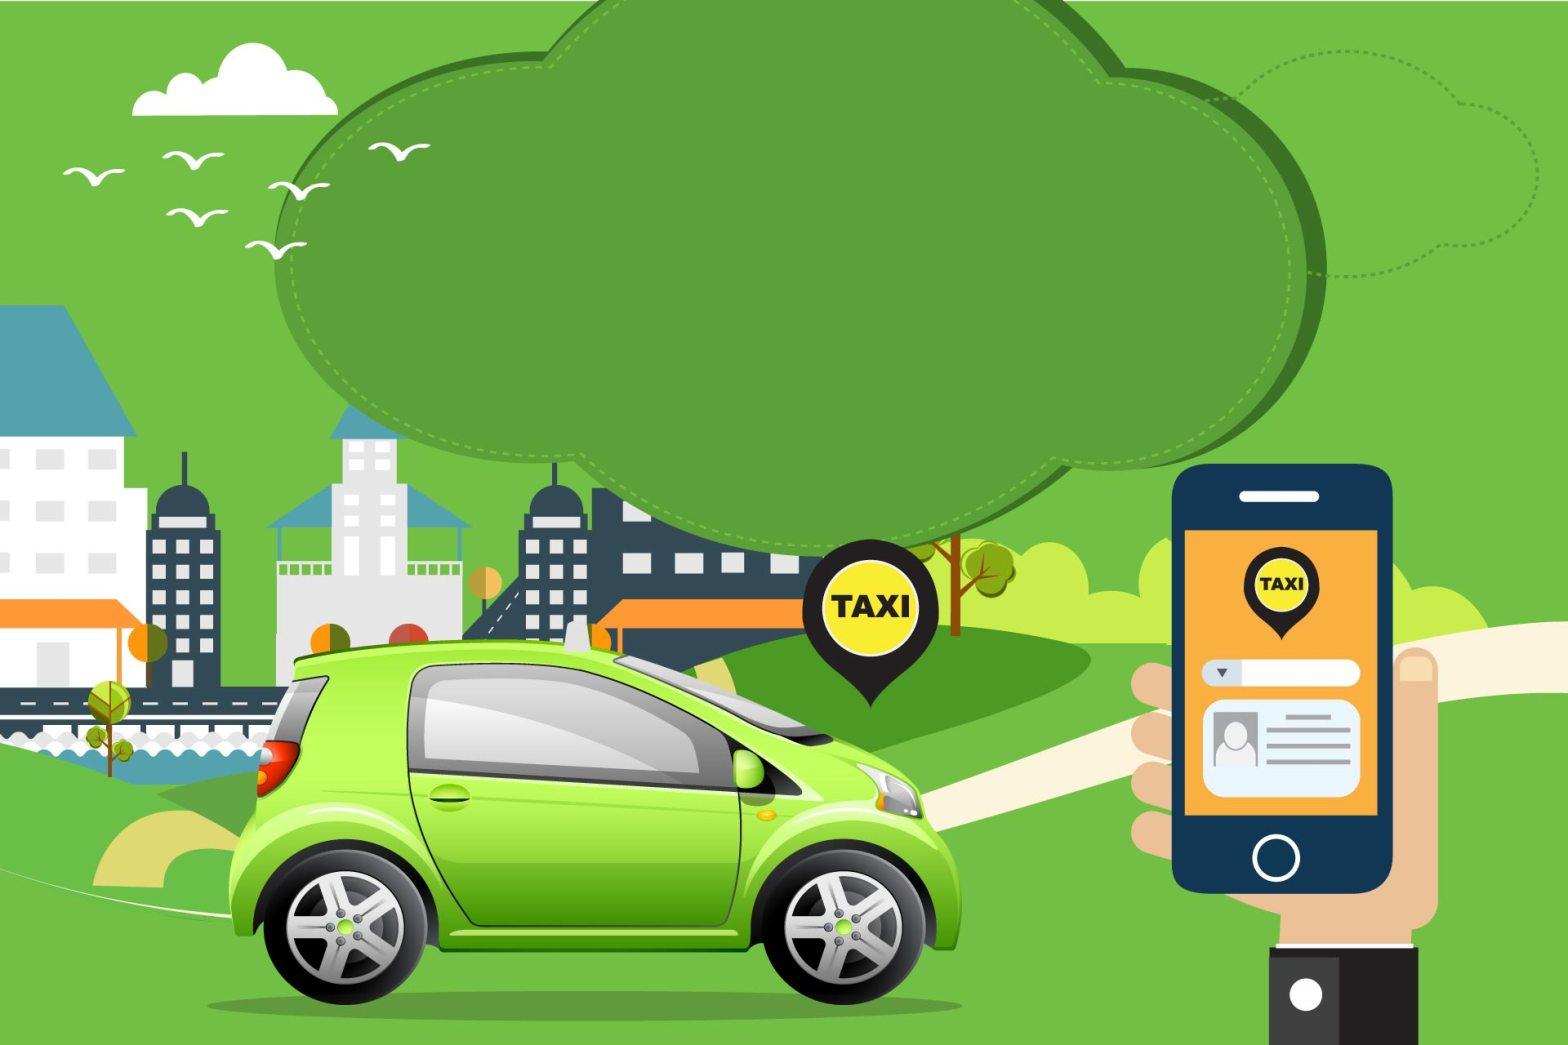 taxicover3-1474267658-22.jpg